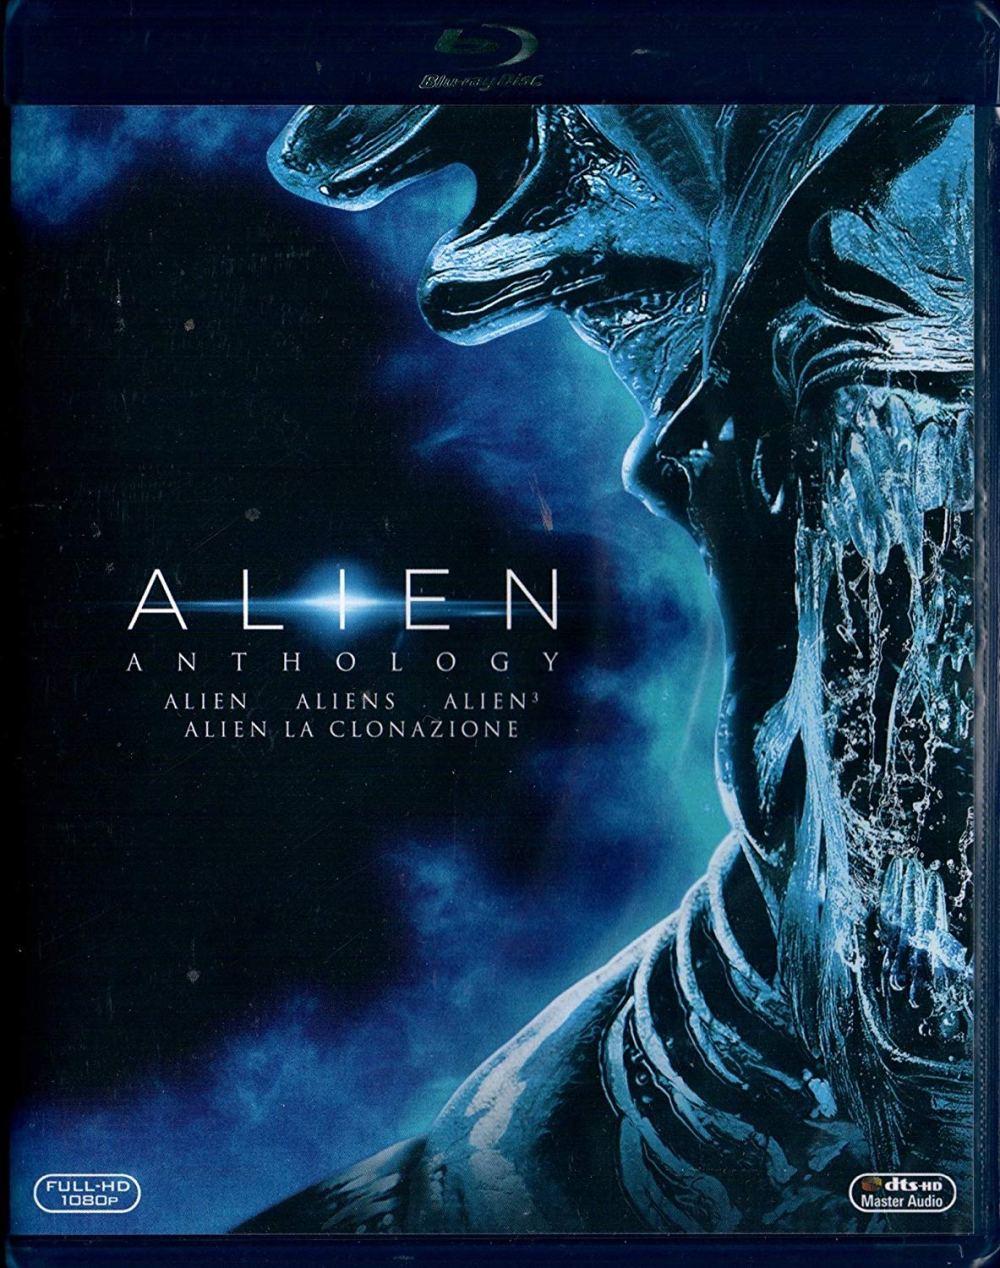 alien antology, natale_.jpg